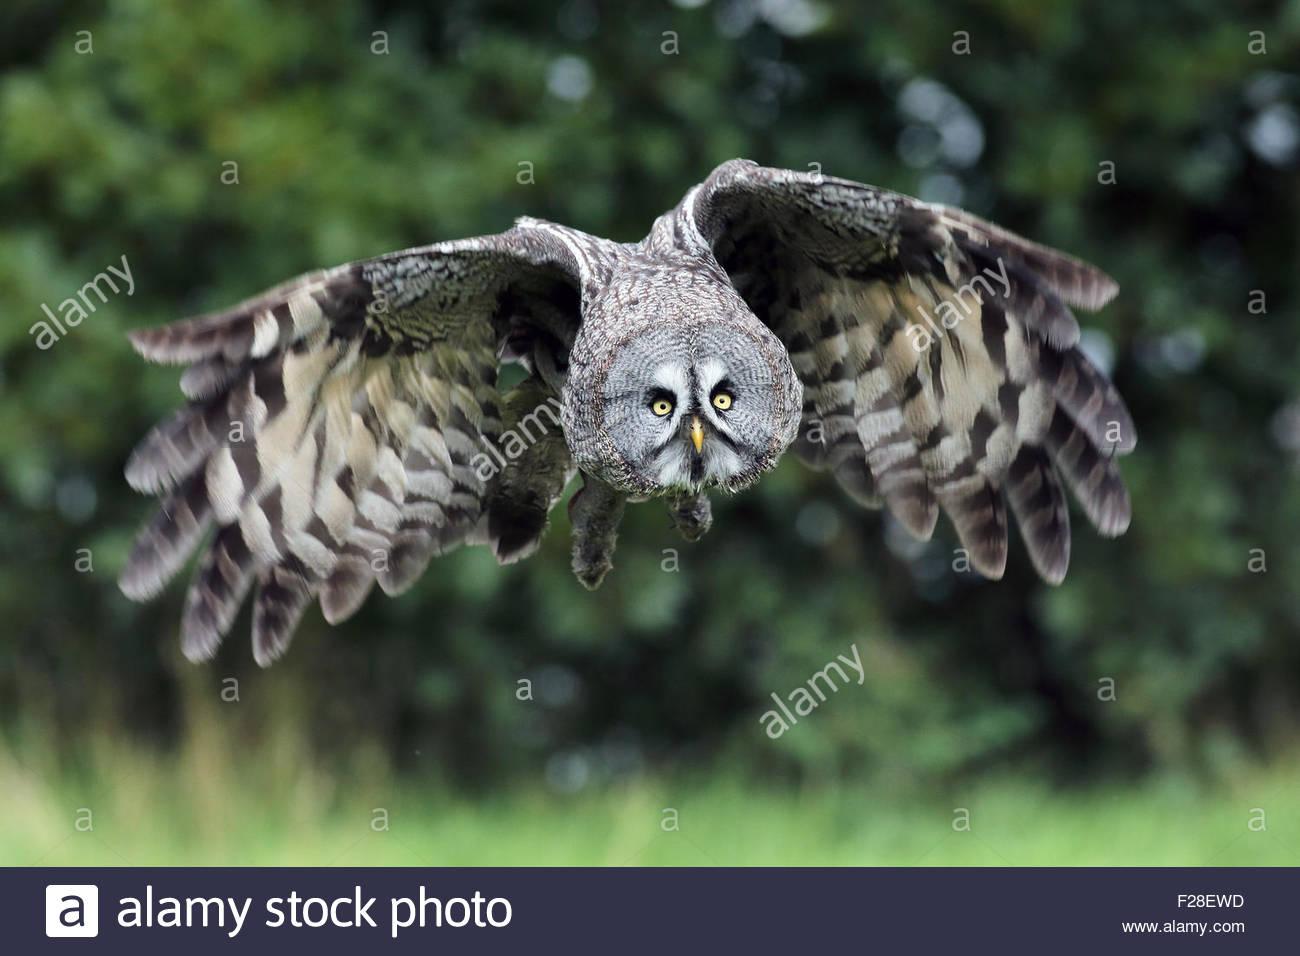 Une chouette lapone en vol au-dessus d'une prairie. Photo Stock